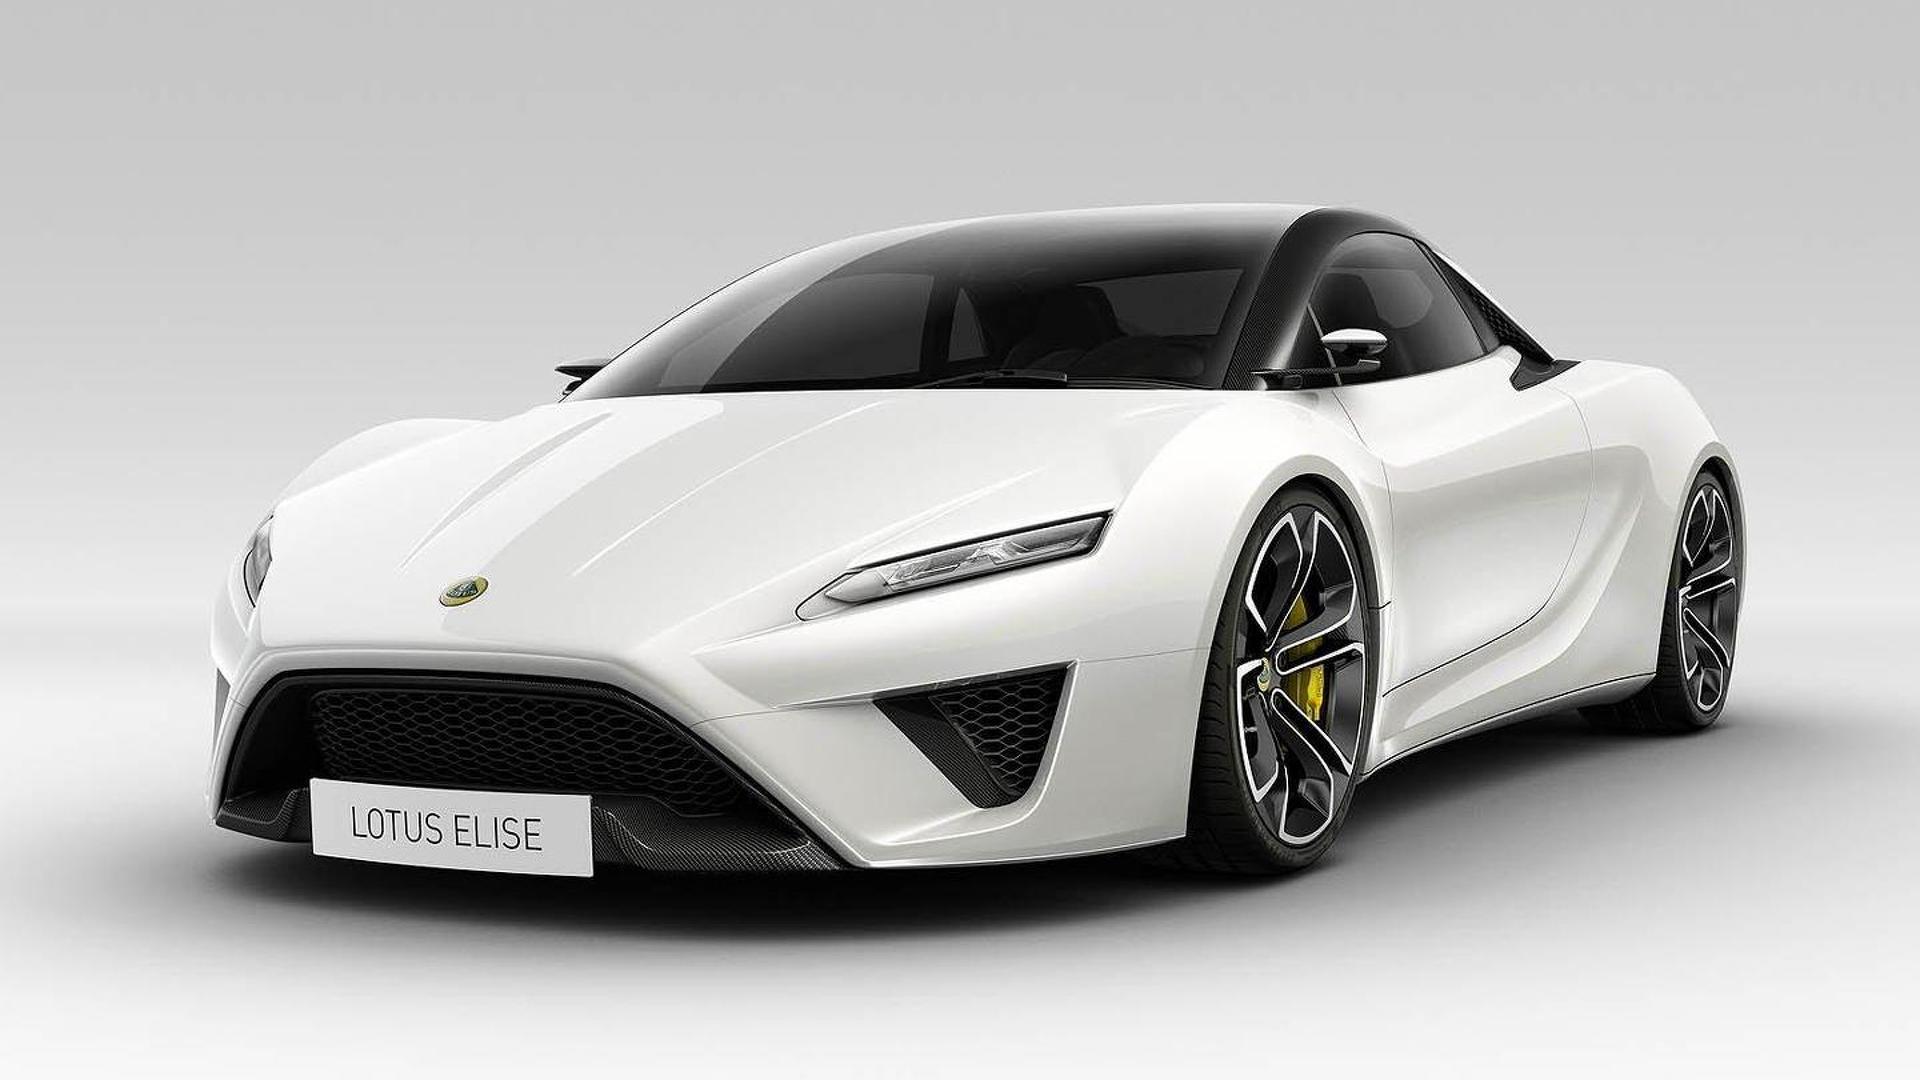 Next-gen Lotus Elise coming in 2020